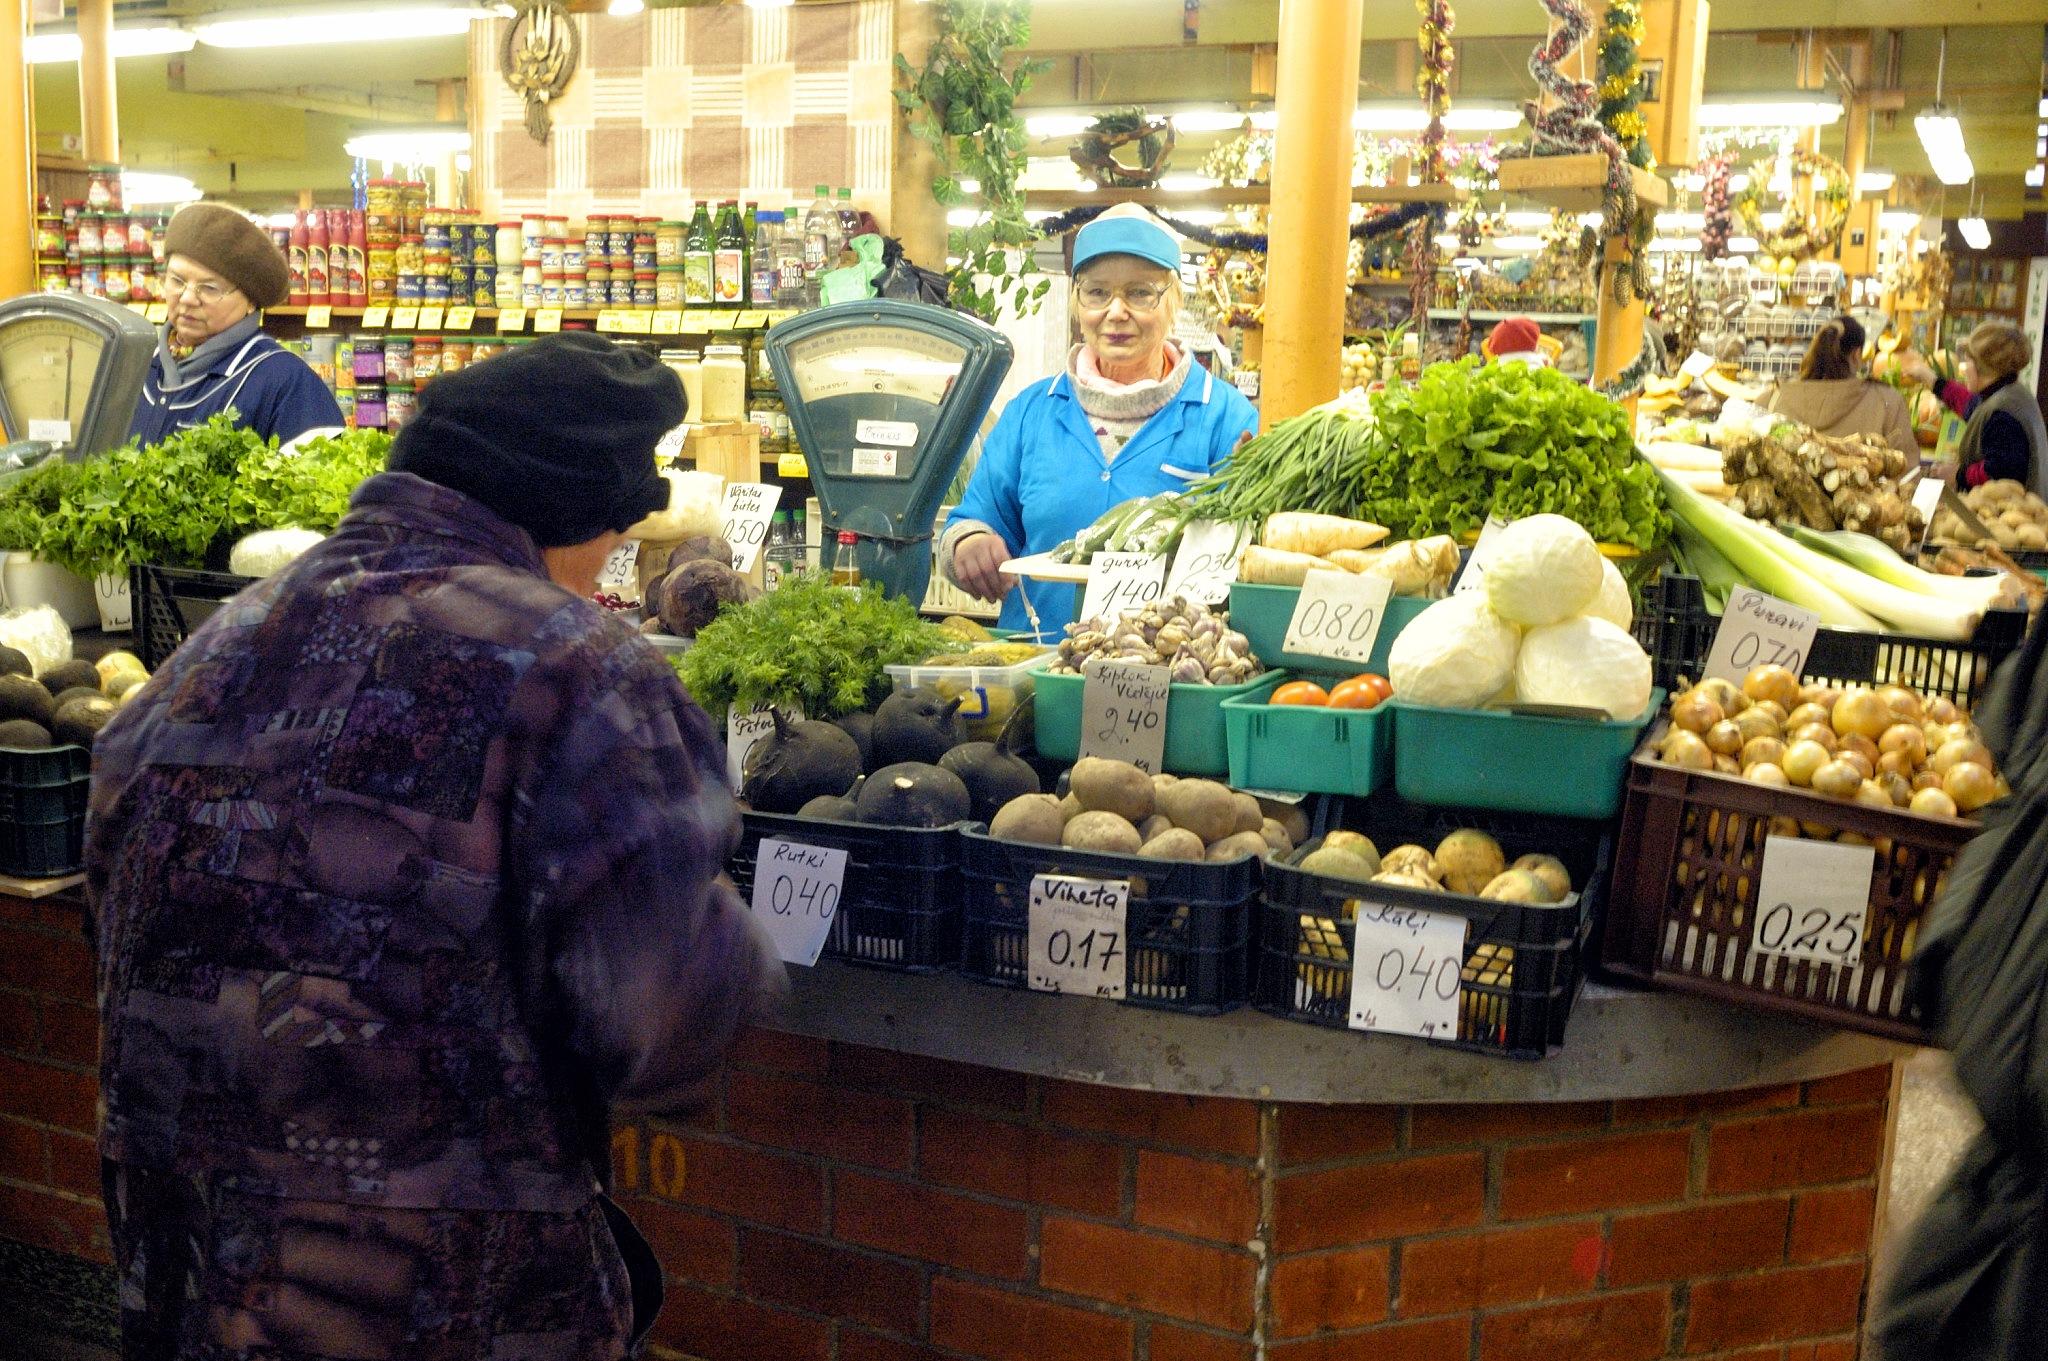 Riga@the market, January 2006 by Frank Fremerey